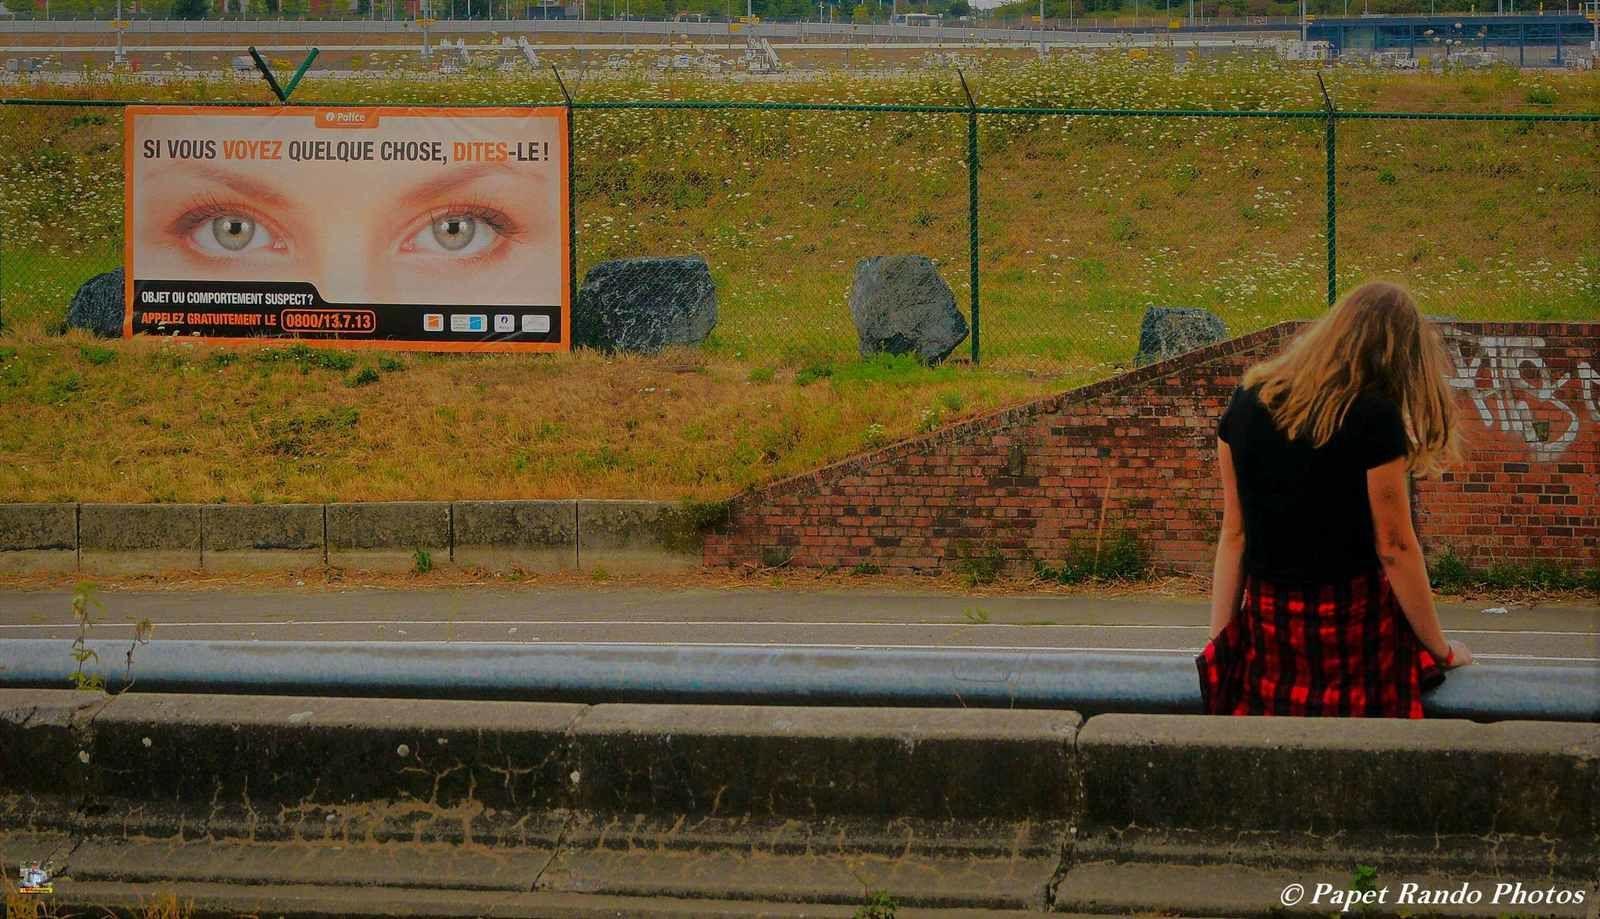 Depuis le mois de juin en route vers Hong Kong, depuis Charleroi, ( j'habite a 1 km alors chaque fois que je passe des photos )